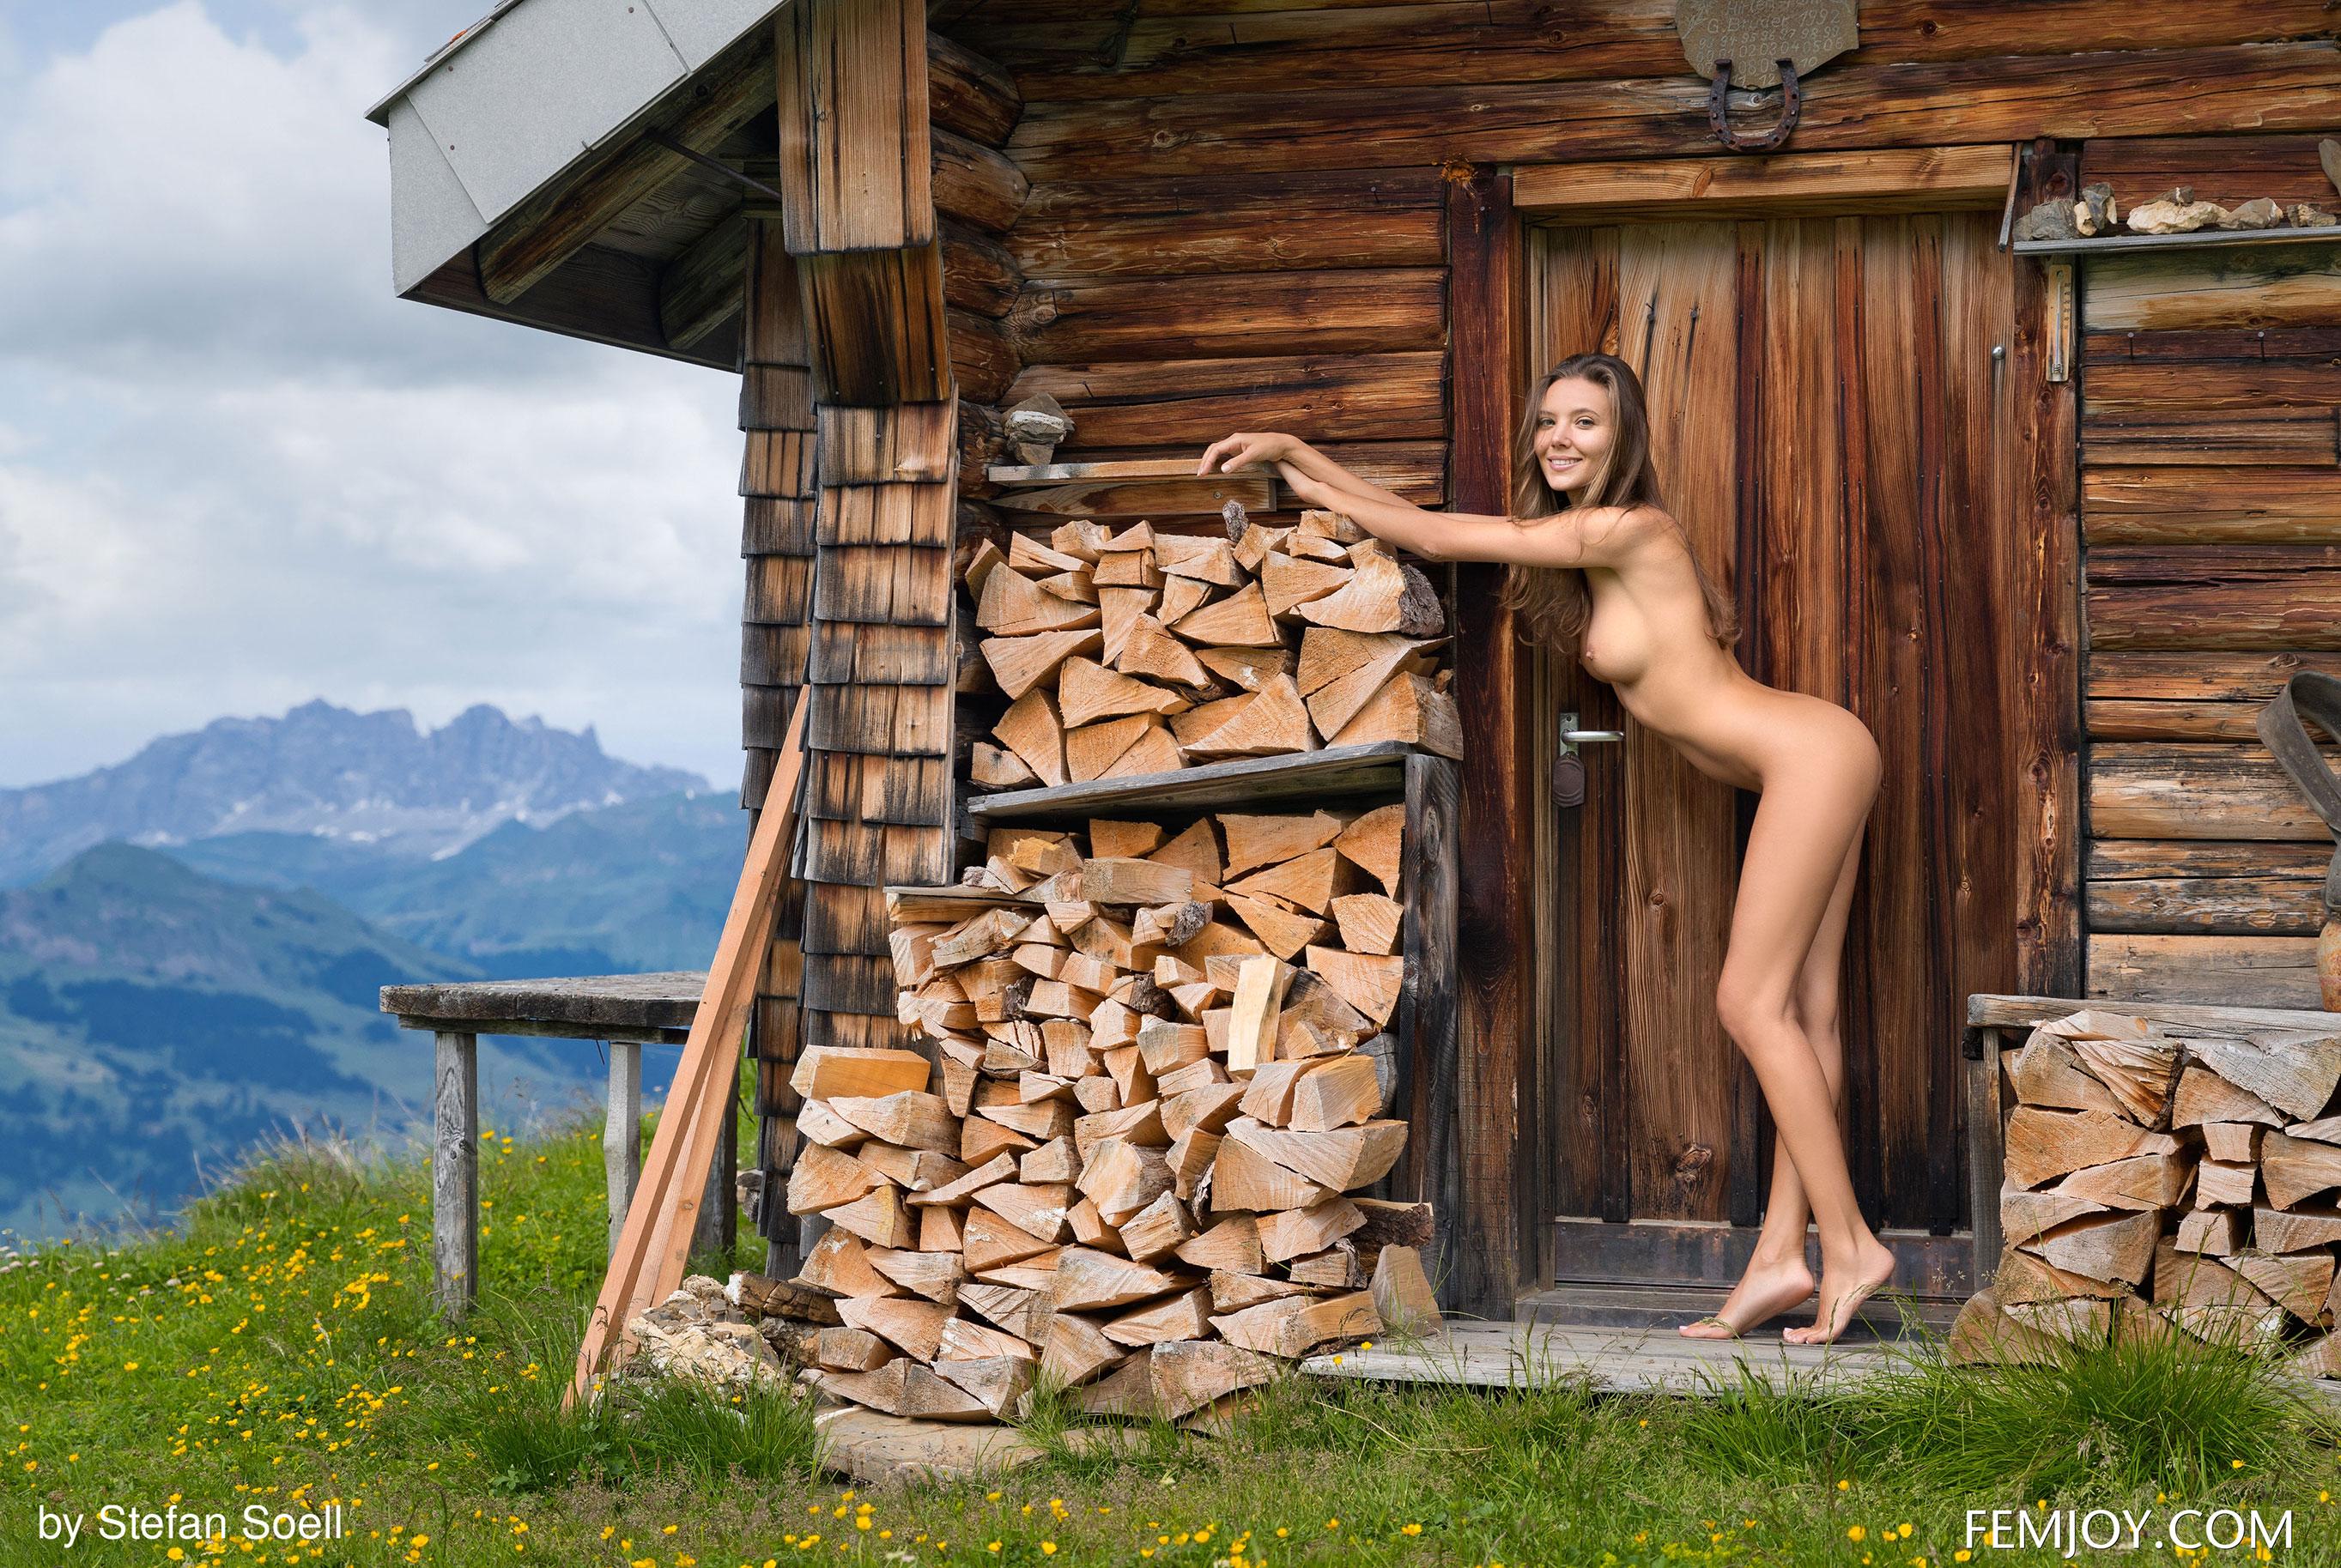 Сексуальная Катя - голая и одинокая в избушке на склоне Альпийских гор / фото 13